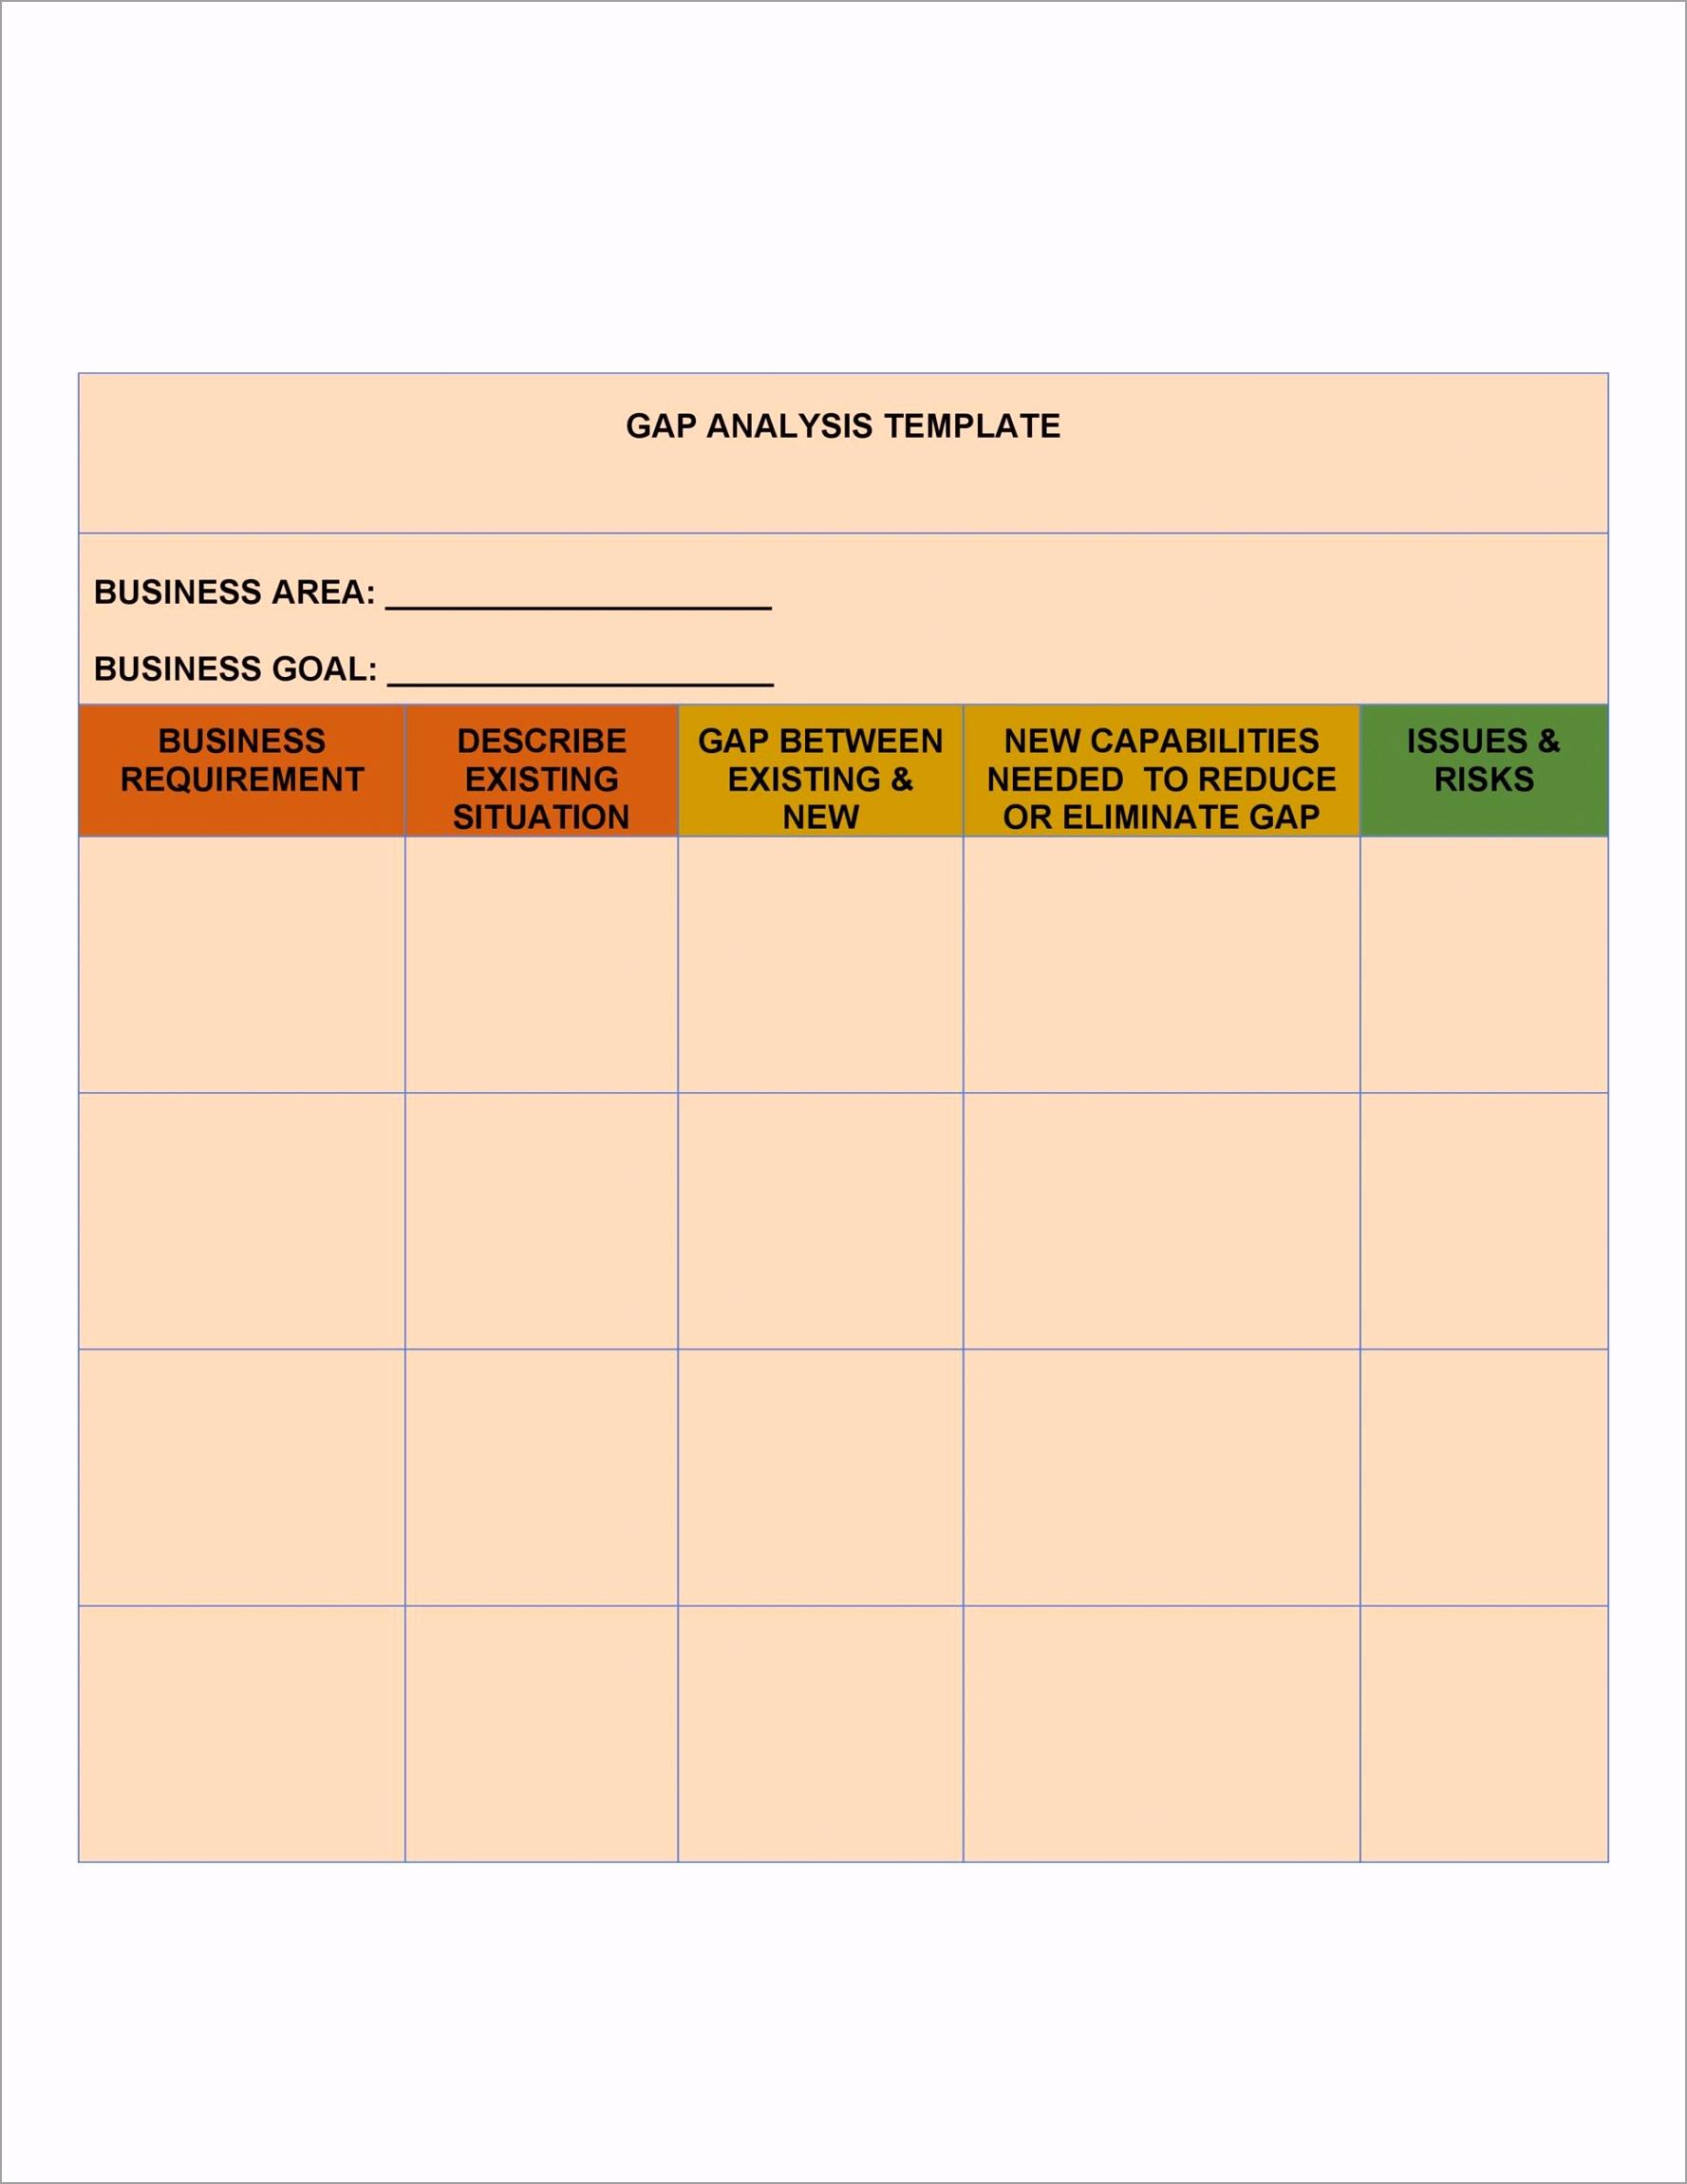 Gap Analysis Template 04 otift